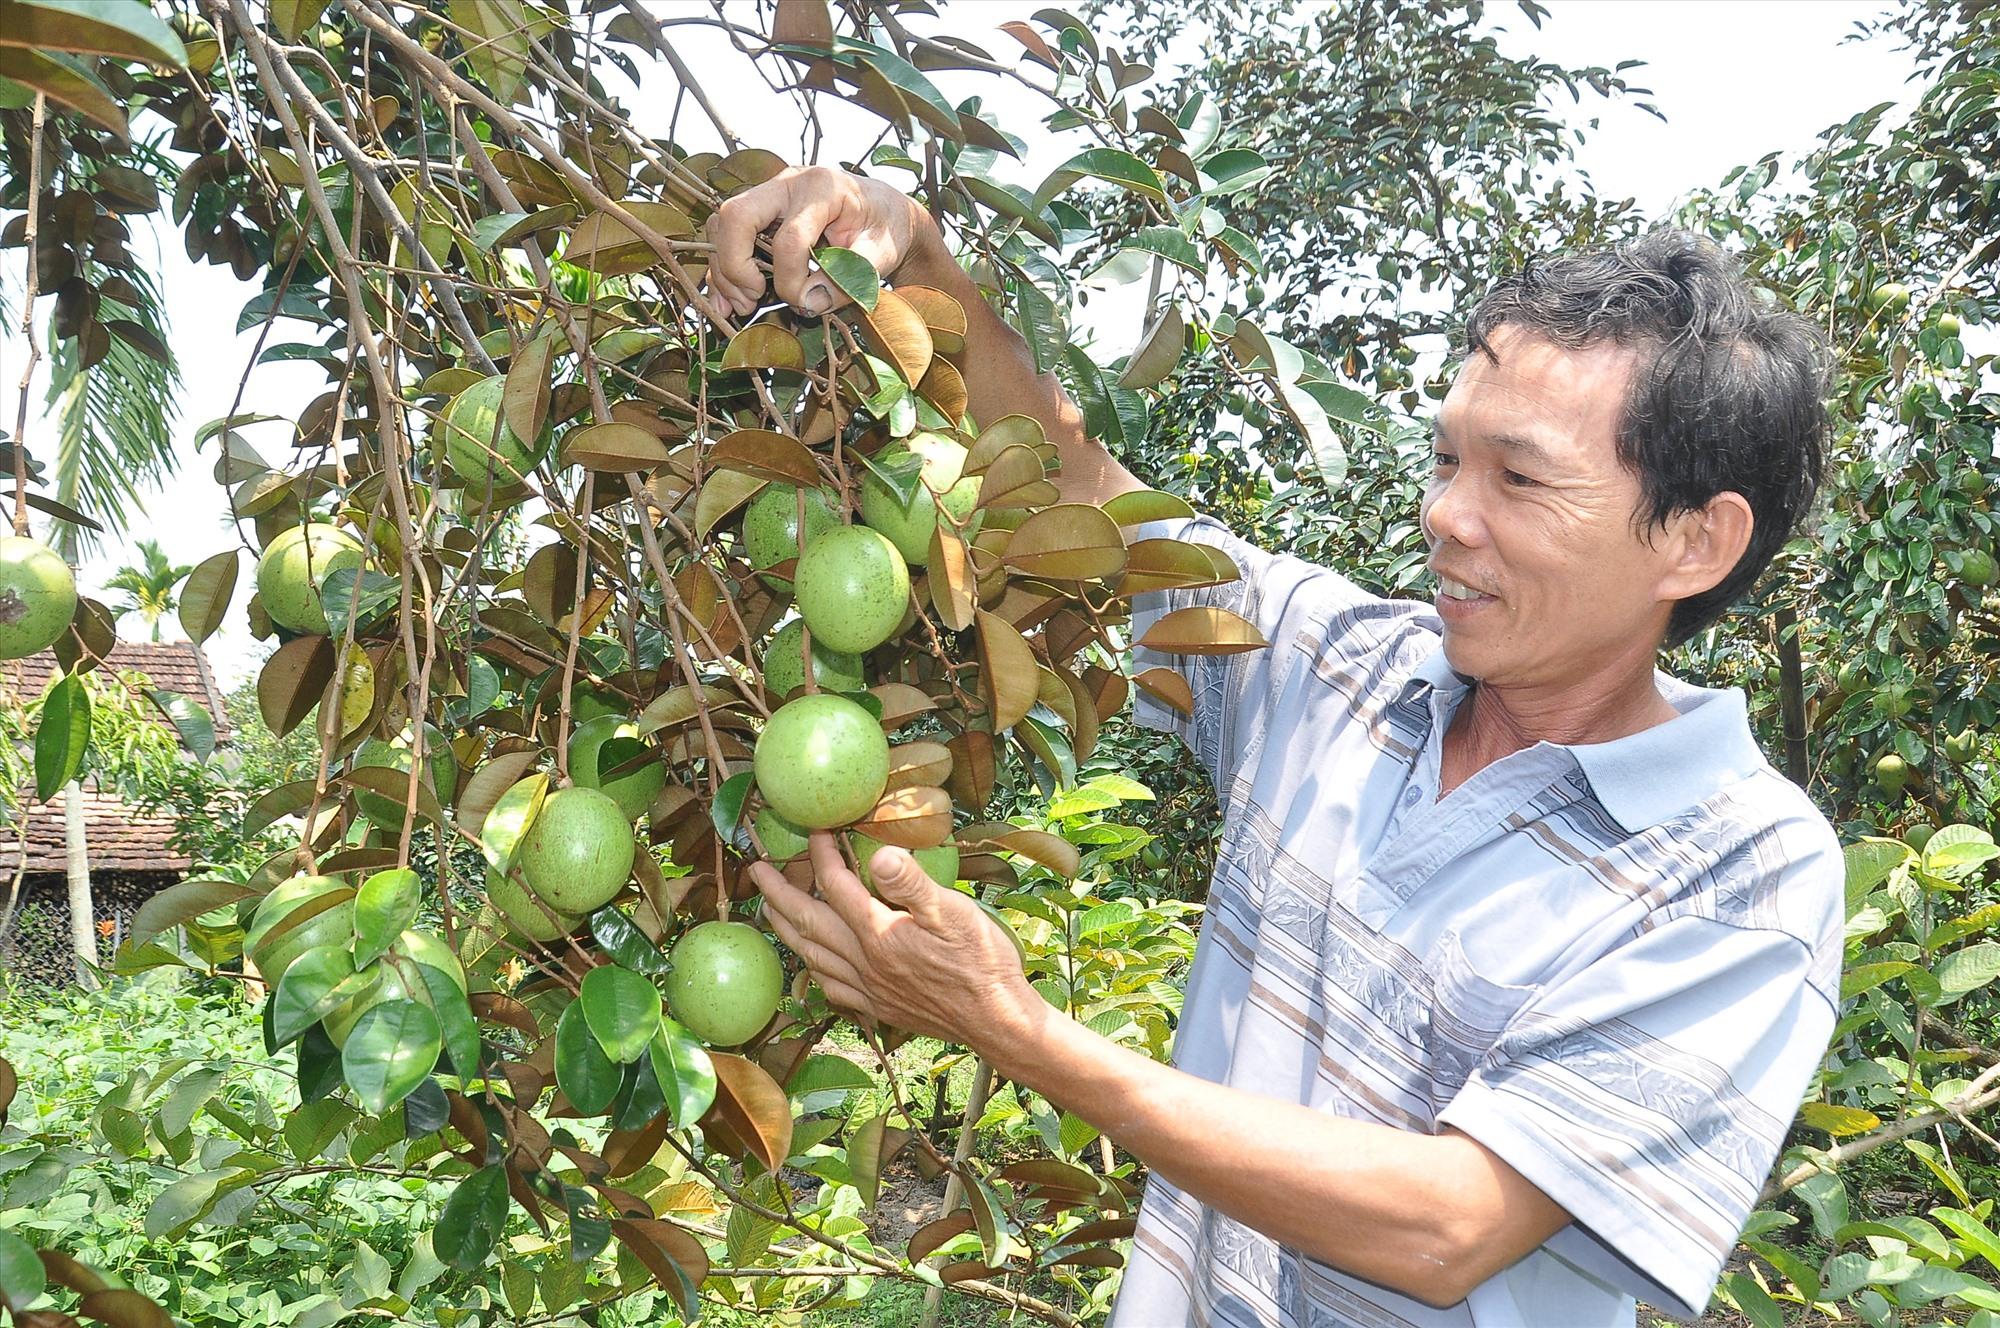 Từ chủ trương xây dựng NTM, cũng như nhiều hộ dân ở xã Tam Thái, ông Trương Văn Phú (thôn Hòa Bình) đã chủ động cải tạo vườn tạp trồng cây ăn quả cho giá trị kinh tế cao. Ảnh: VINH ANH